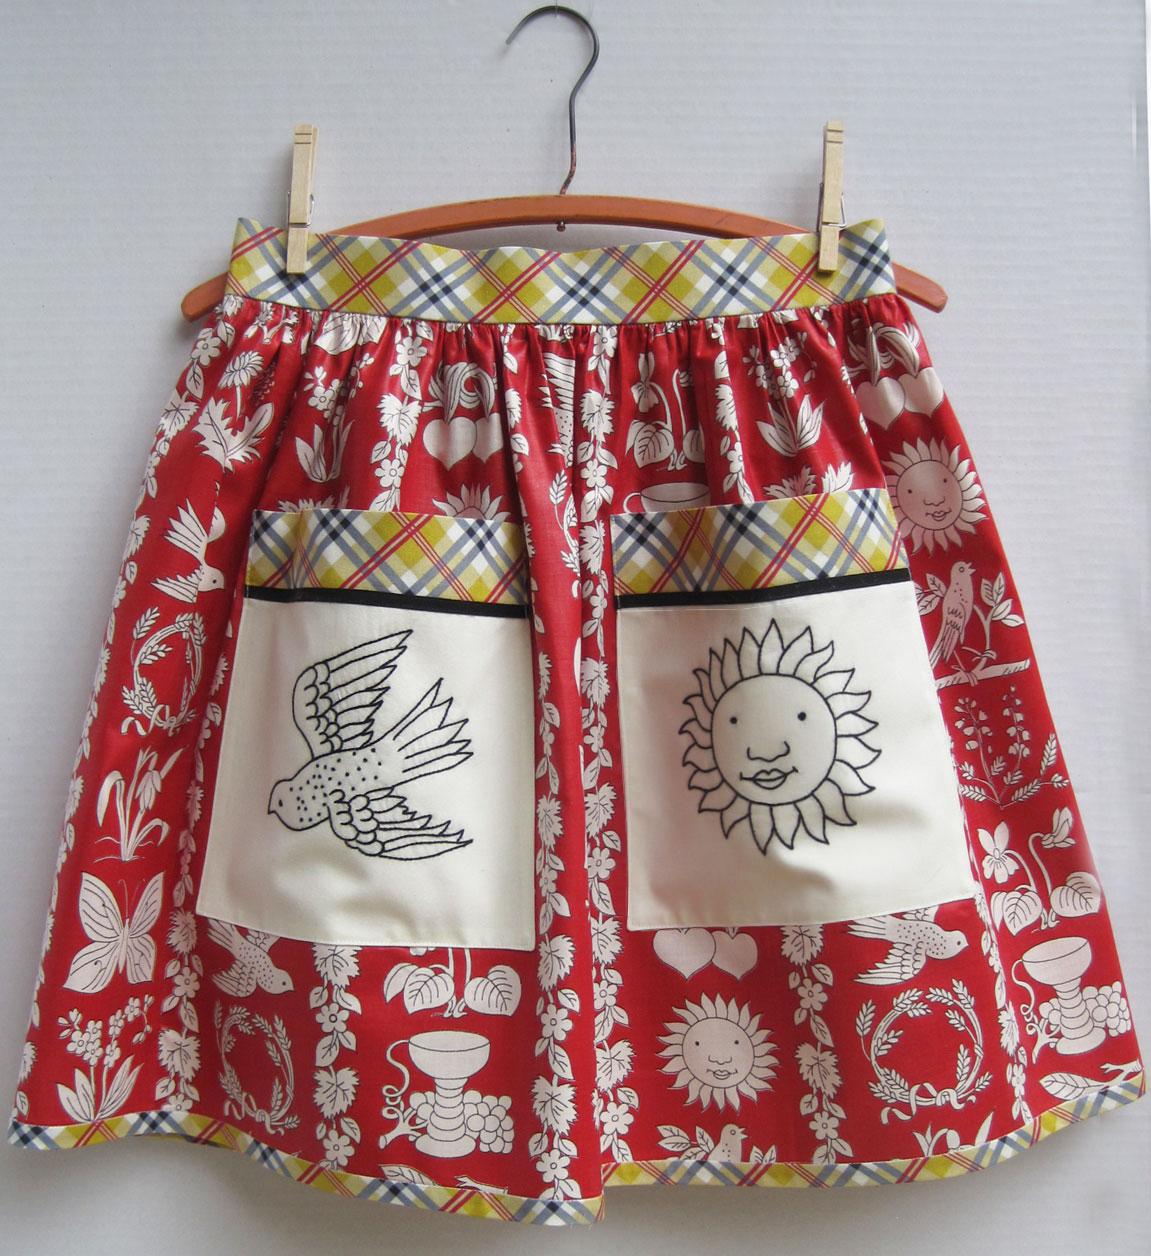 embroidered-pocketsglazed-chintz-front2